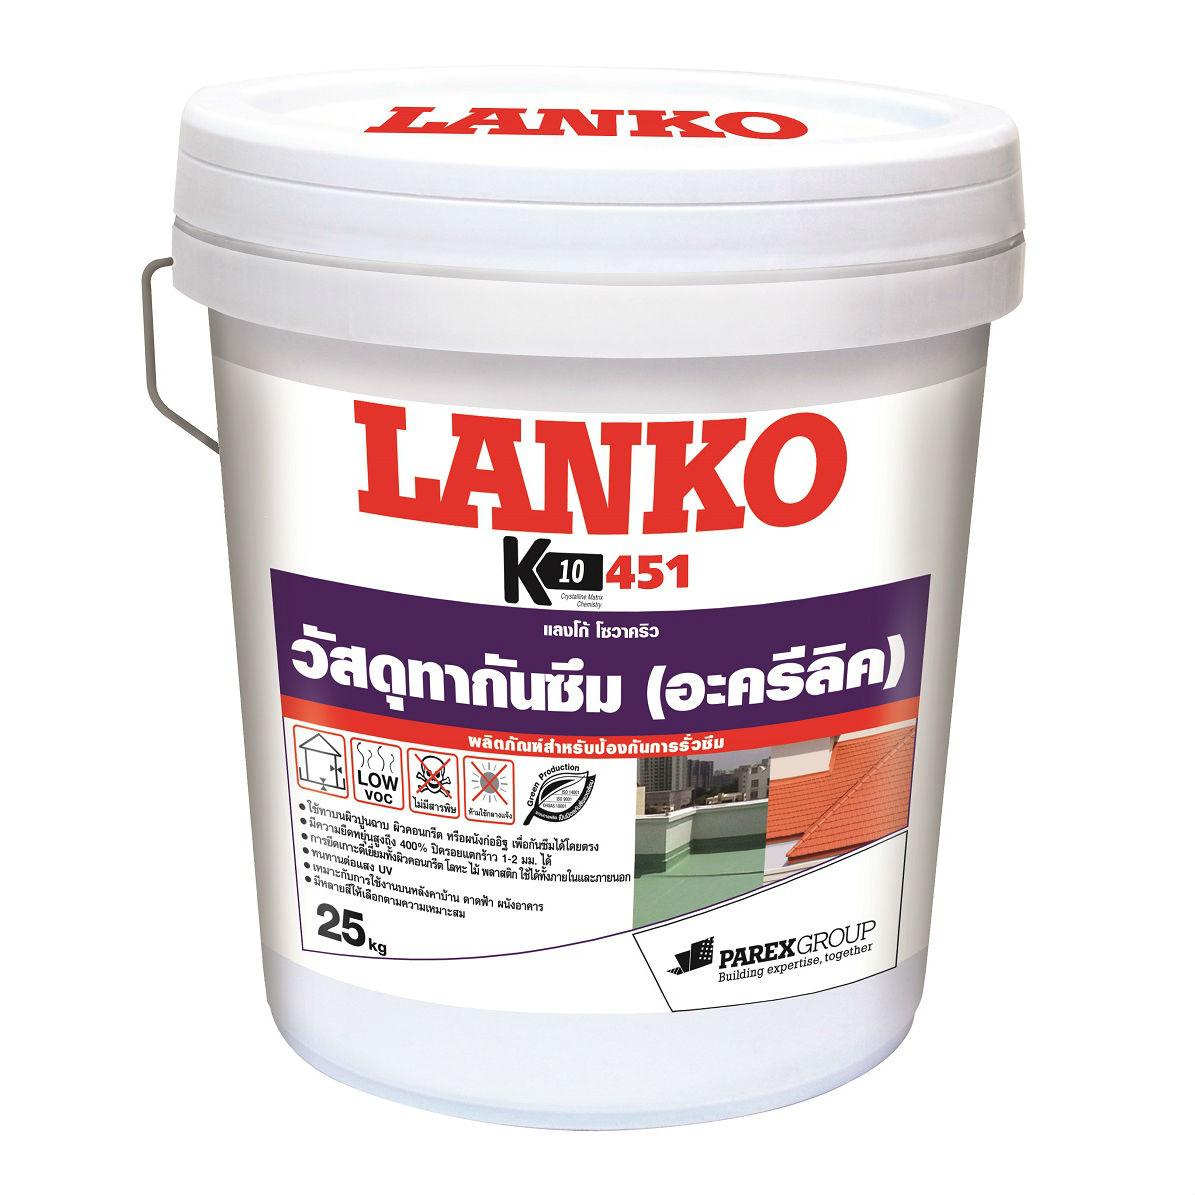 LANKO 451